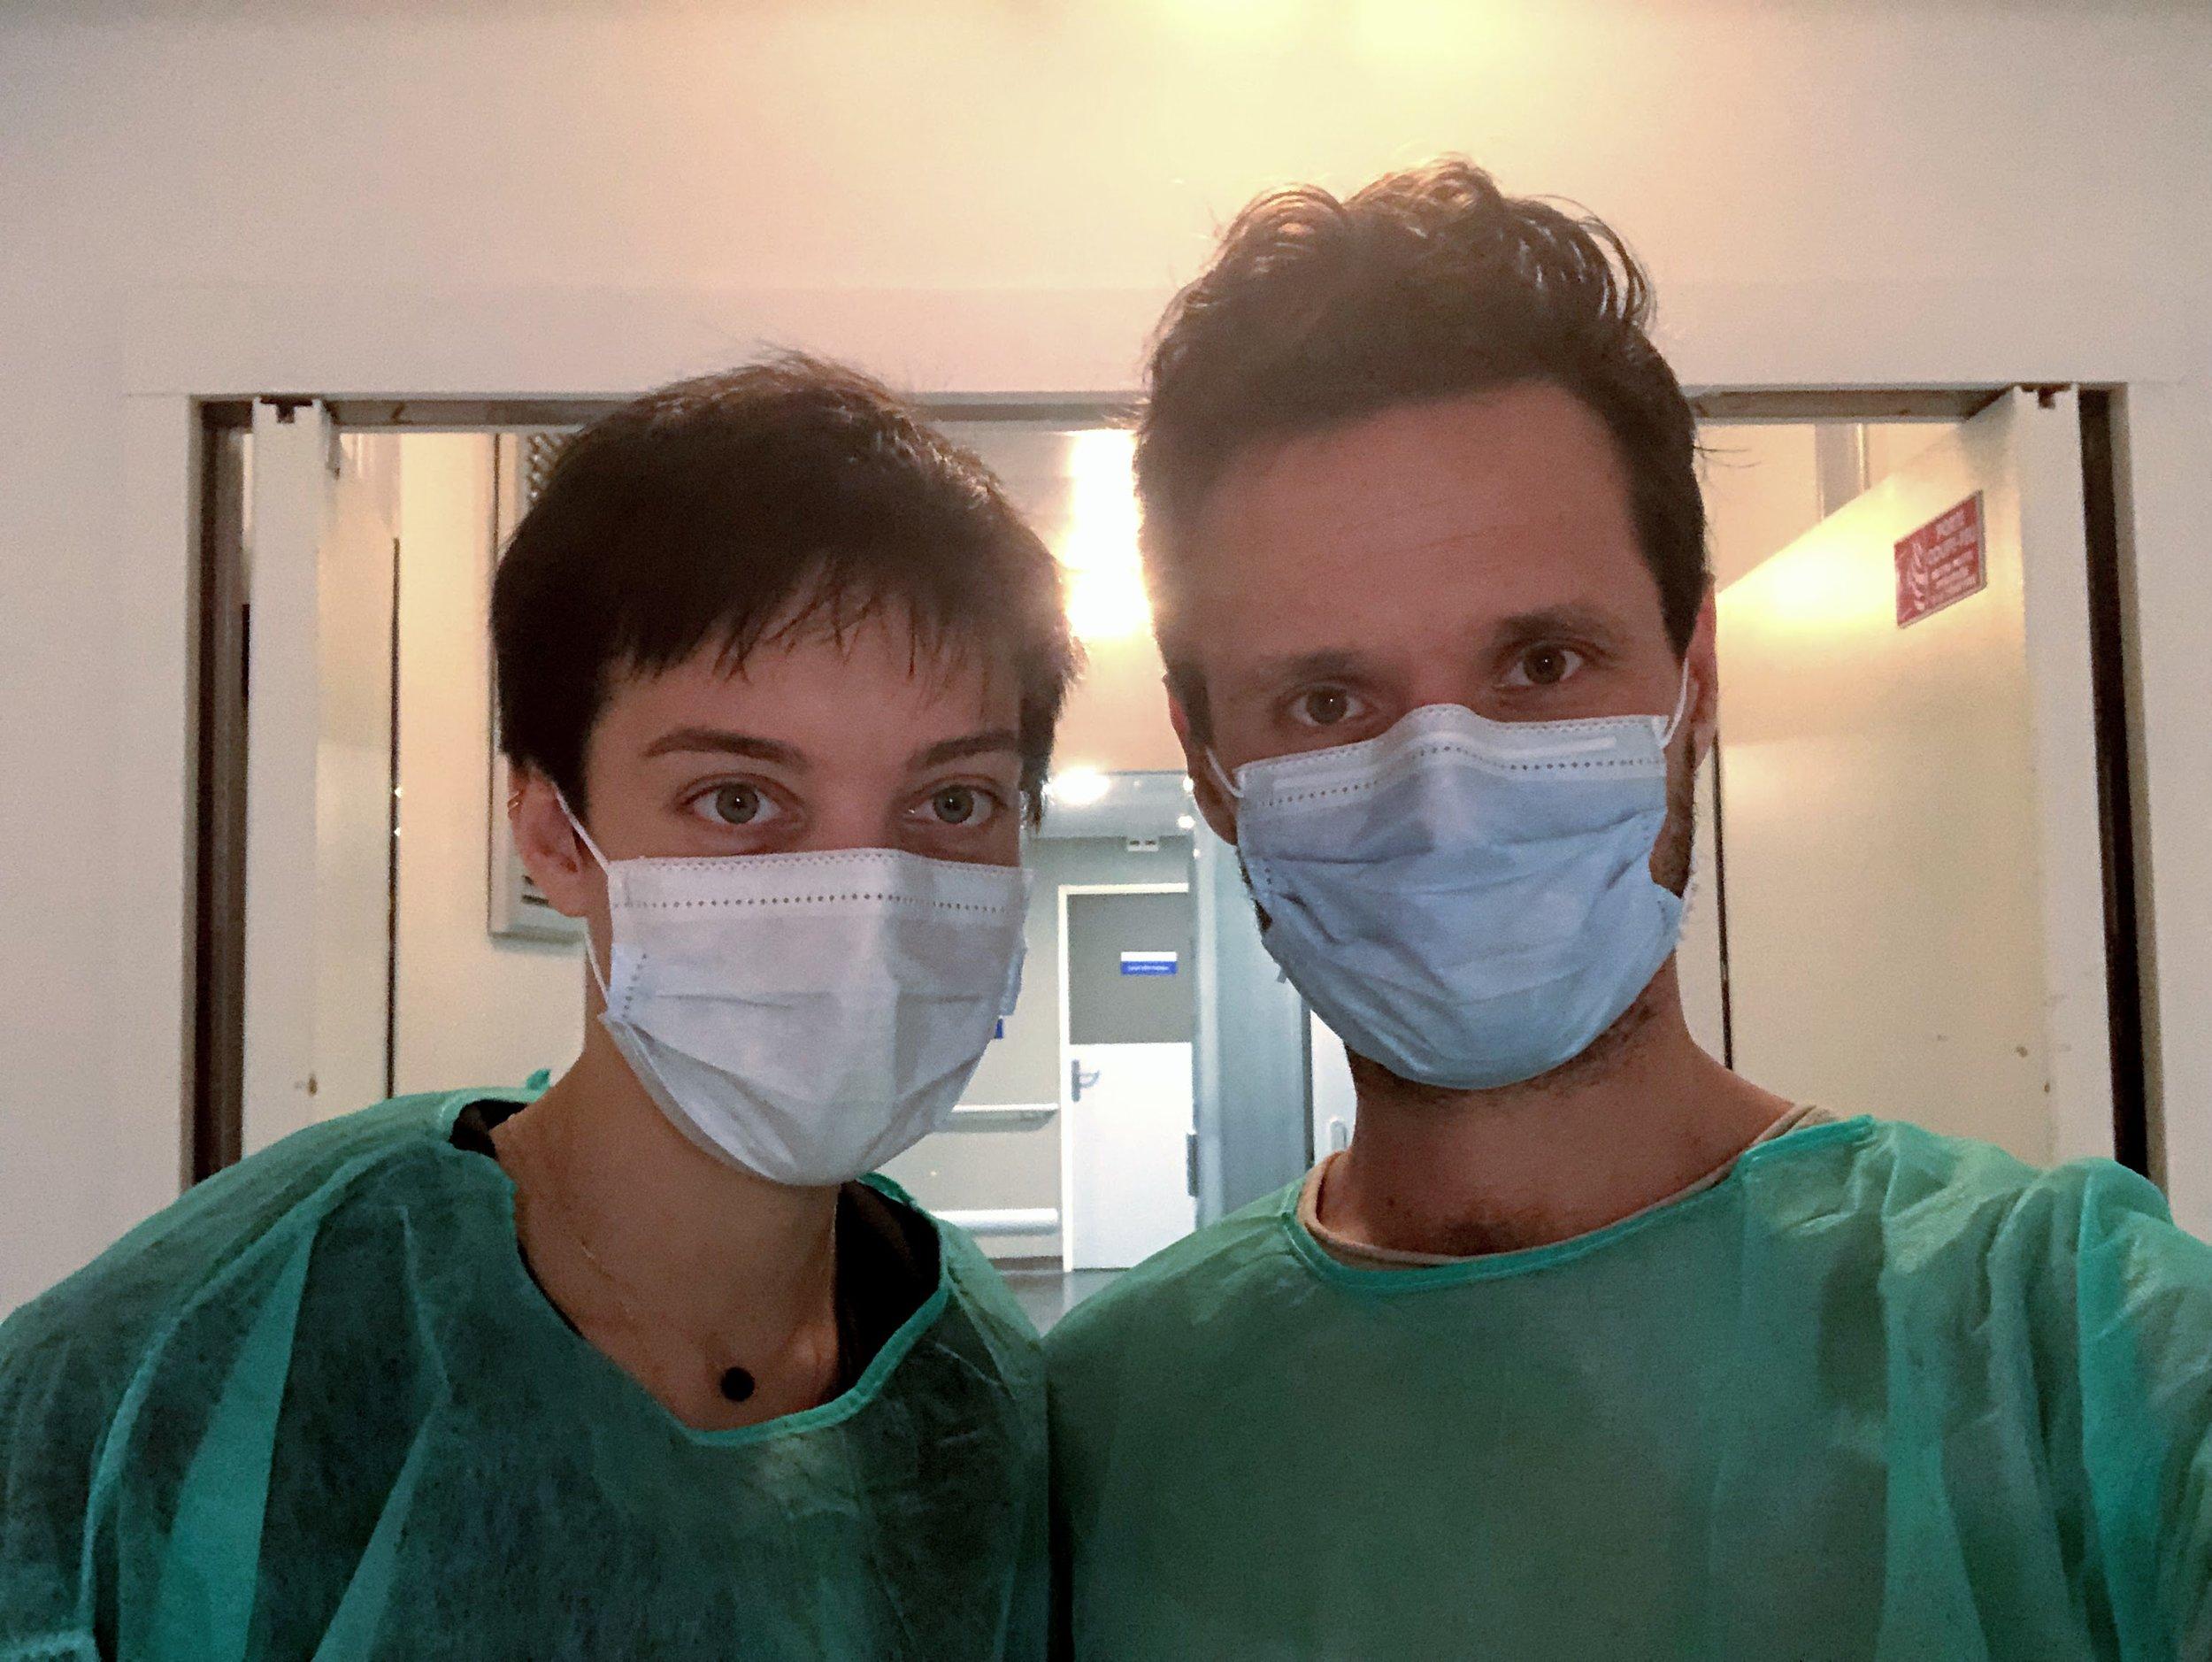 La chimiothérapie affaiblit considérablement le système immunitaire. Nous portons un masque et des blouses chirurgicales pour éviter toute contamination lorsque nous rendons visite aux enfants dans leur chambre.